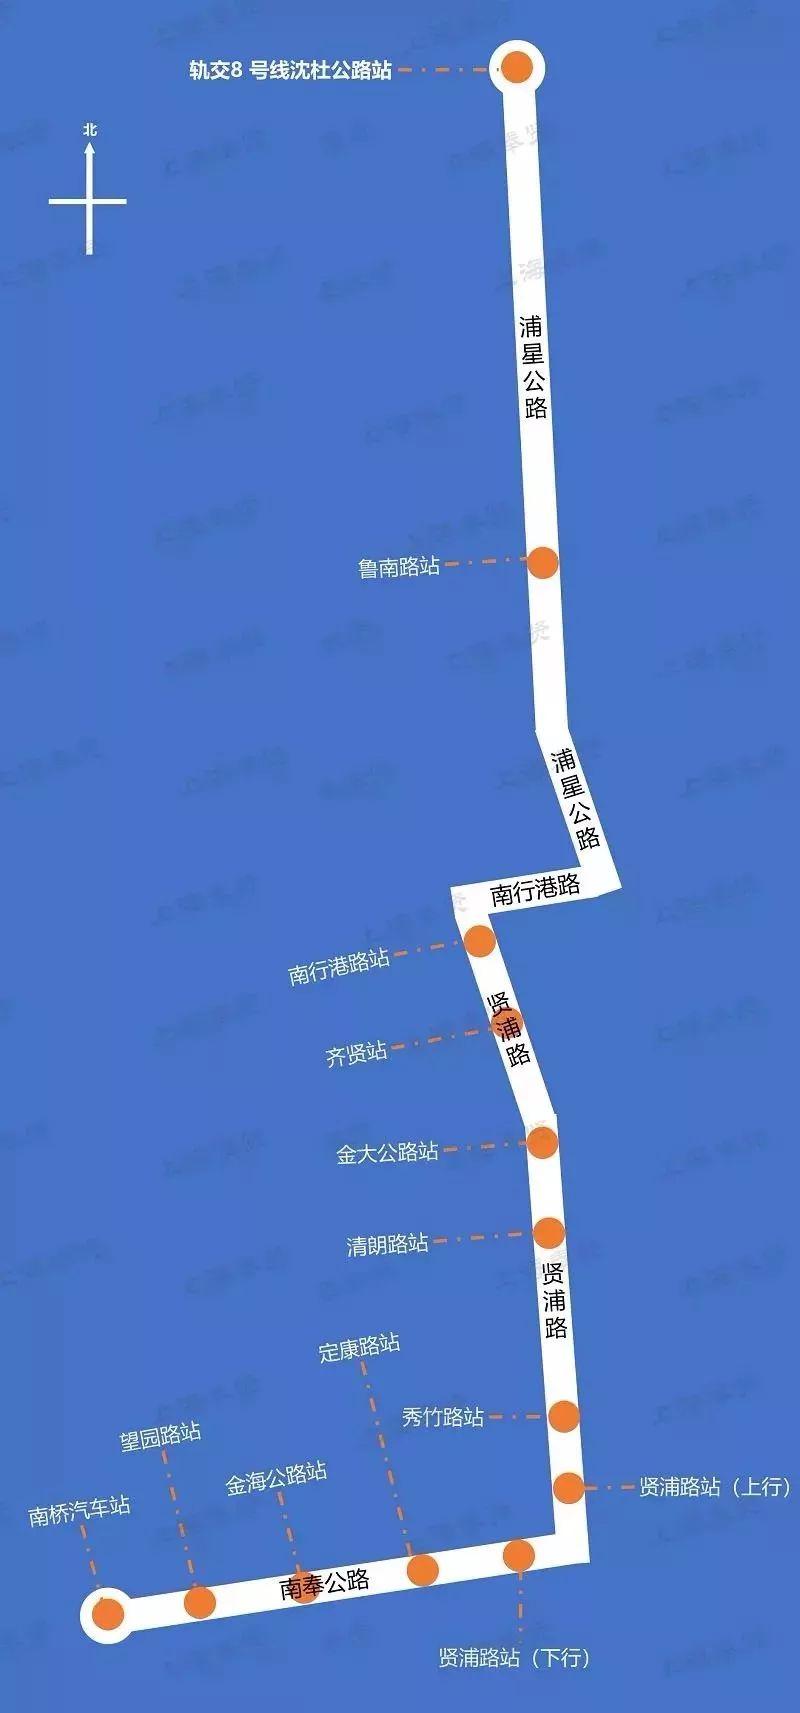 上海首条brt公交奉浦快线4月20日开通 拥有专属车道